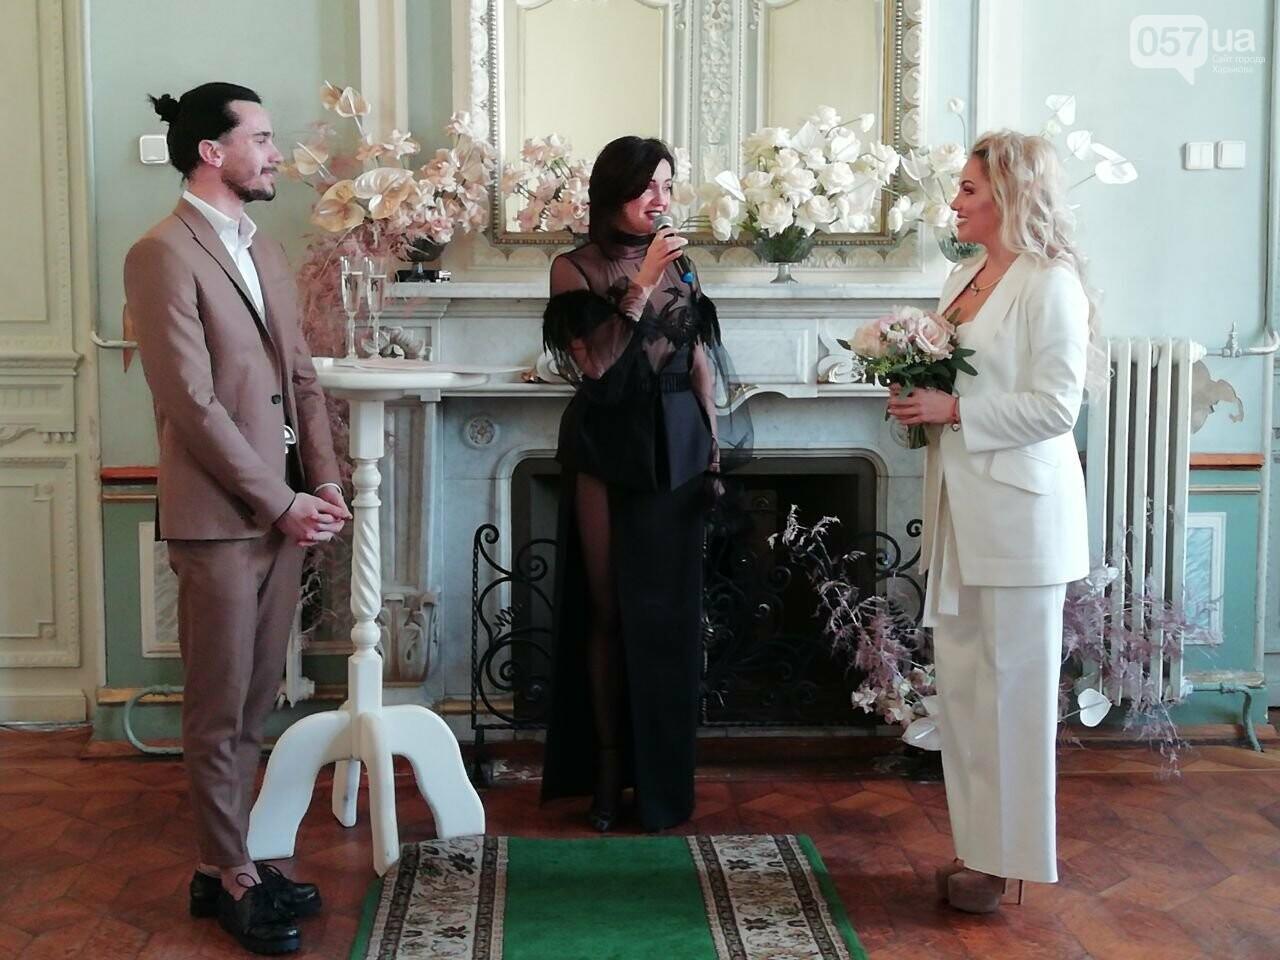 Экспресс-свадьба и звездная ведущая: в Харькове проходит Марафон влюбленных, - ФОТО, фото-10